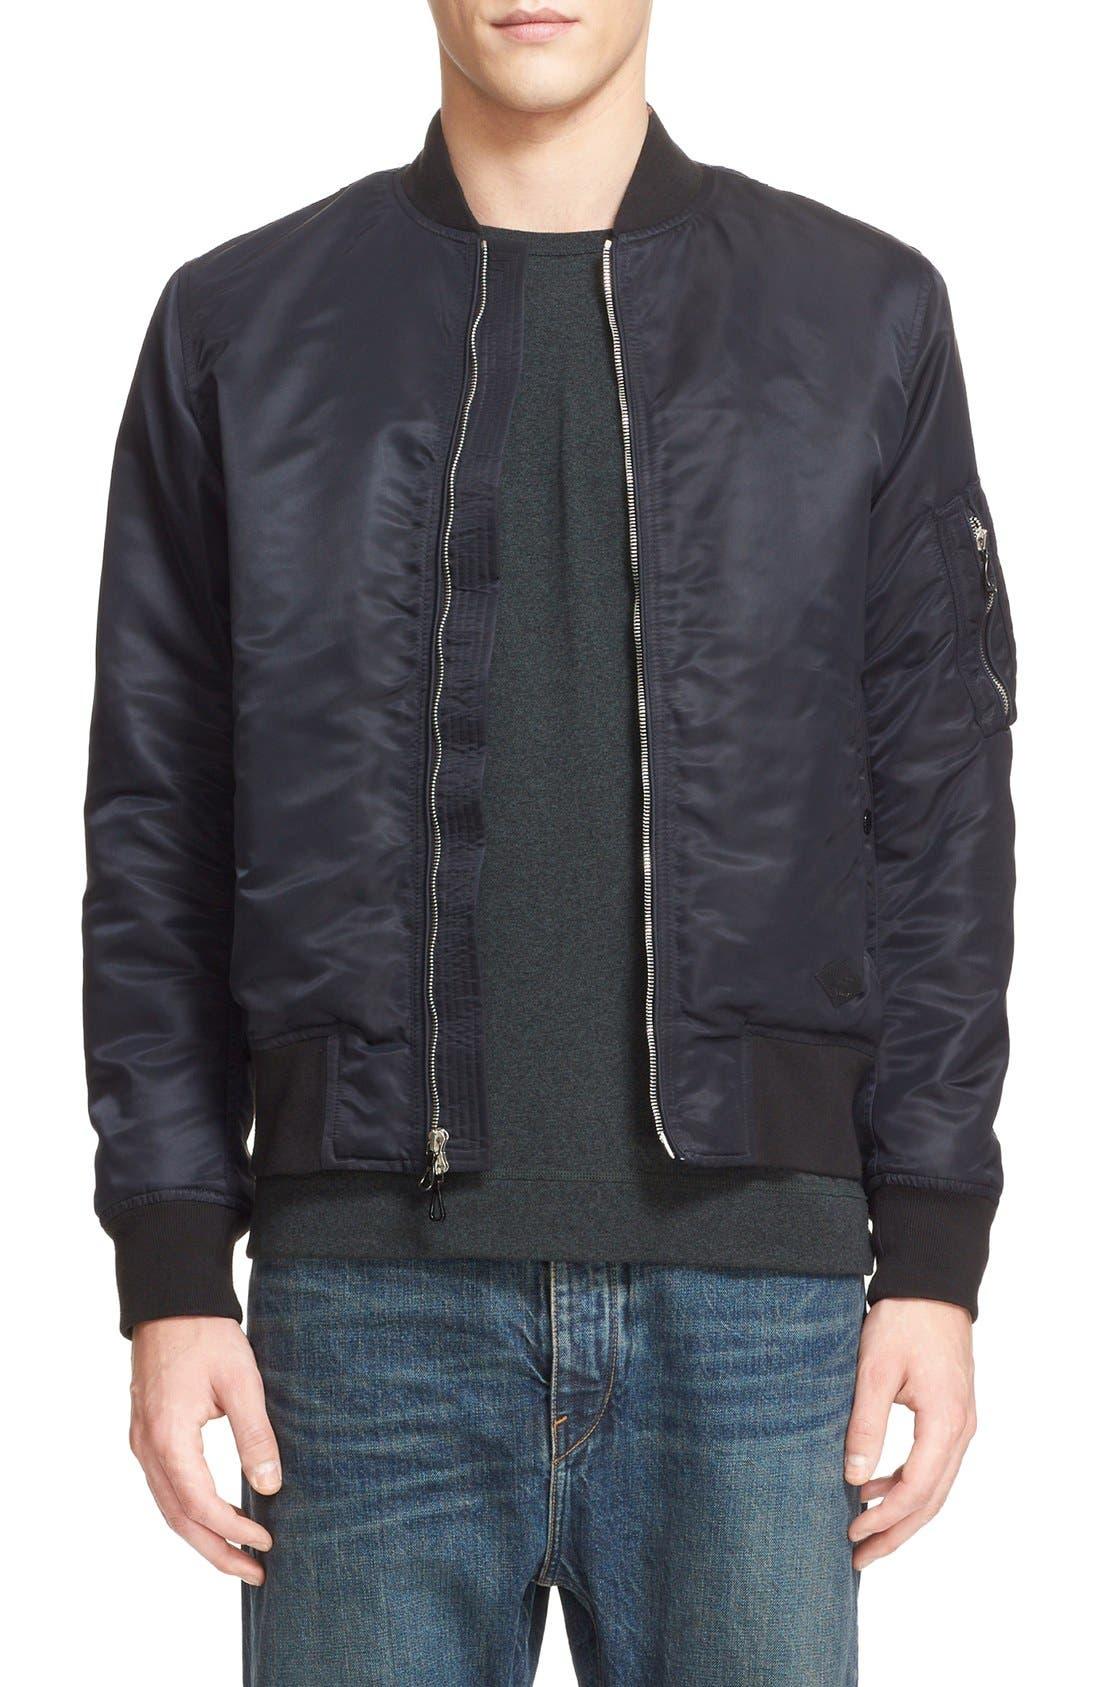 Manston Bomber Jacket,                         Main,                         color, Black